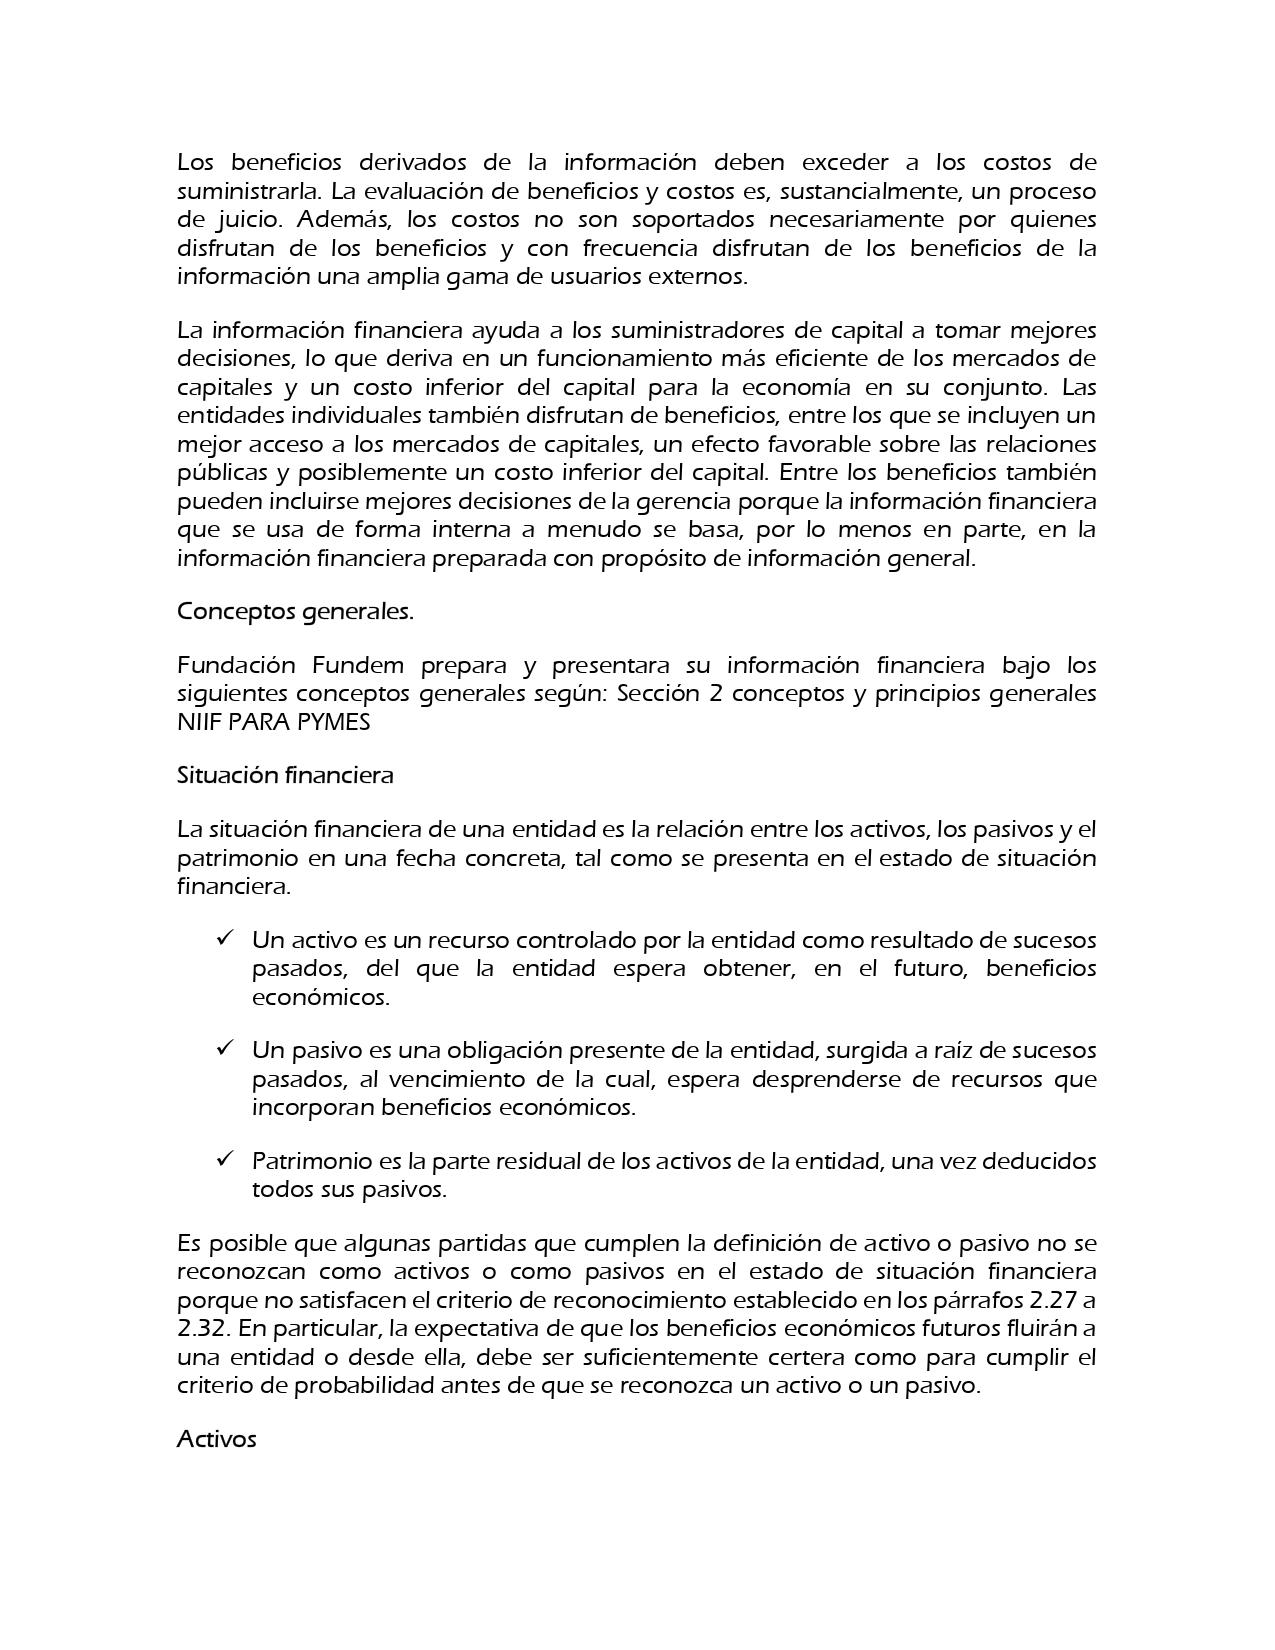 Estados Financieros Fundacion Fundem 2020_page-0009